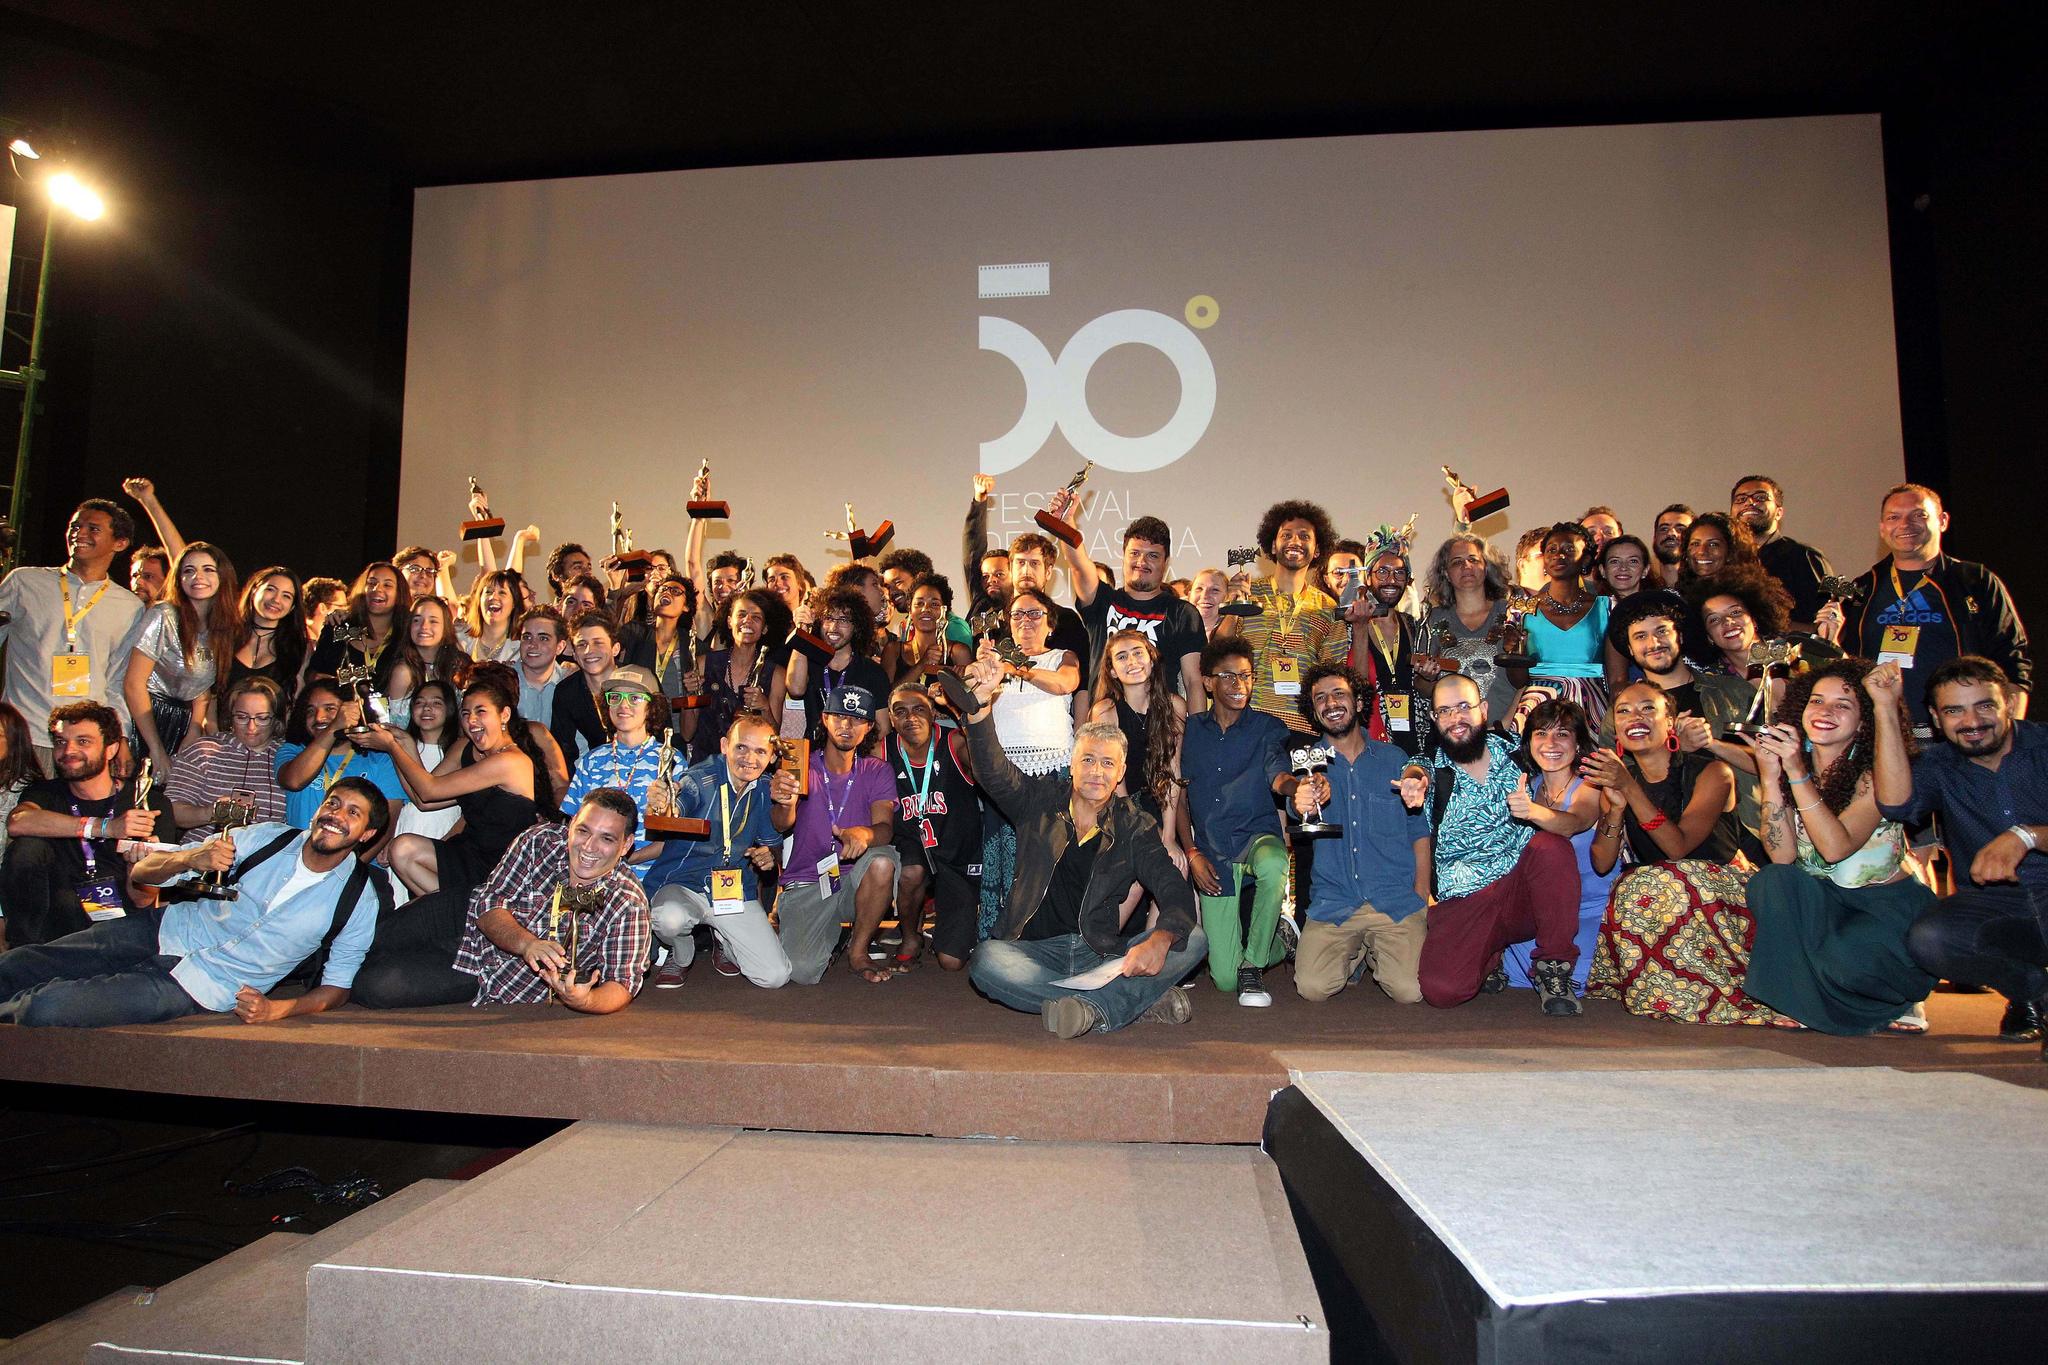 Realizado, em 2017, o 1º FestUniBrasília - 1º Festival Universitário de Cinema de Brasília. A programação foi exibida no Cine Brasília e contou com a mobilização de universidades públicas de todo o país, tendo selecionado 20 filmes curtas-metragens, produzidos por alunos de universidades de comunicação e cinema. <p> A 2ª edição do FestUniBrasília - 2º Festival Universitário de Cinema de Brasília aconteceu nos dias 20 e 21 de setembro/2018, no Cine Brasília. Na disputa pelos Troféus Candango de Melhor Filme, Direção e Roteiro, 20 curtas-metragens produzidos por alunos das universidades públicas de todo o país foram exibidos e avaliados pelo júri convidado especialmente para essa programação.